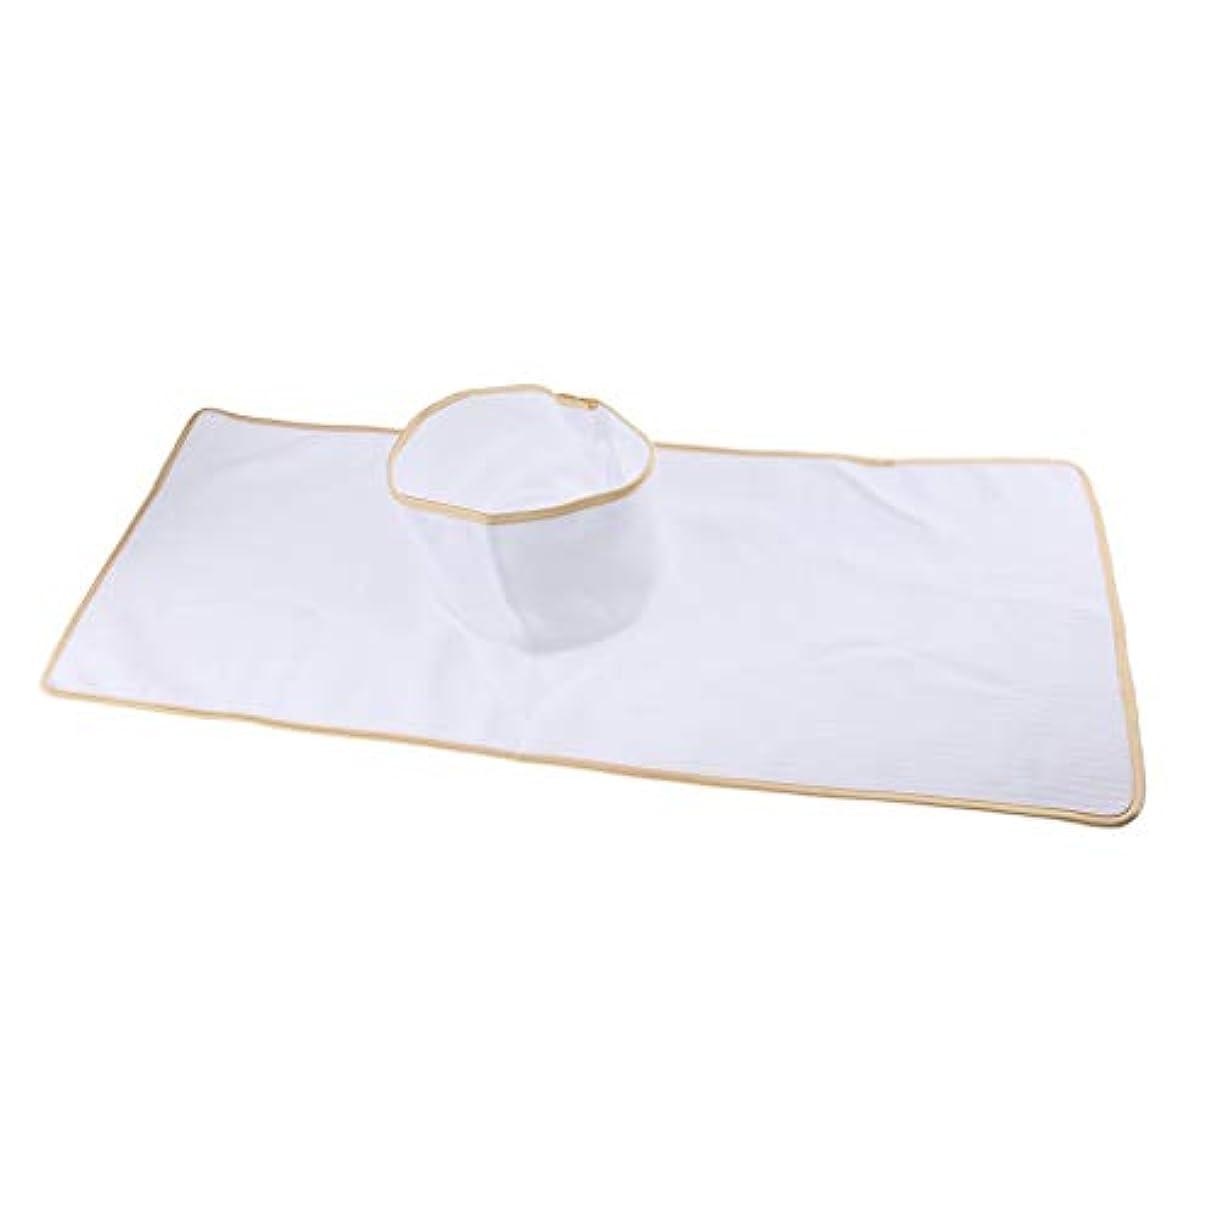 操縦する長方形無傷マッサージテーブルカバー シート パッド 顔の穴付き 再使用可能 約90×35cm 全3色 - 白